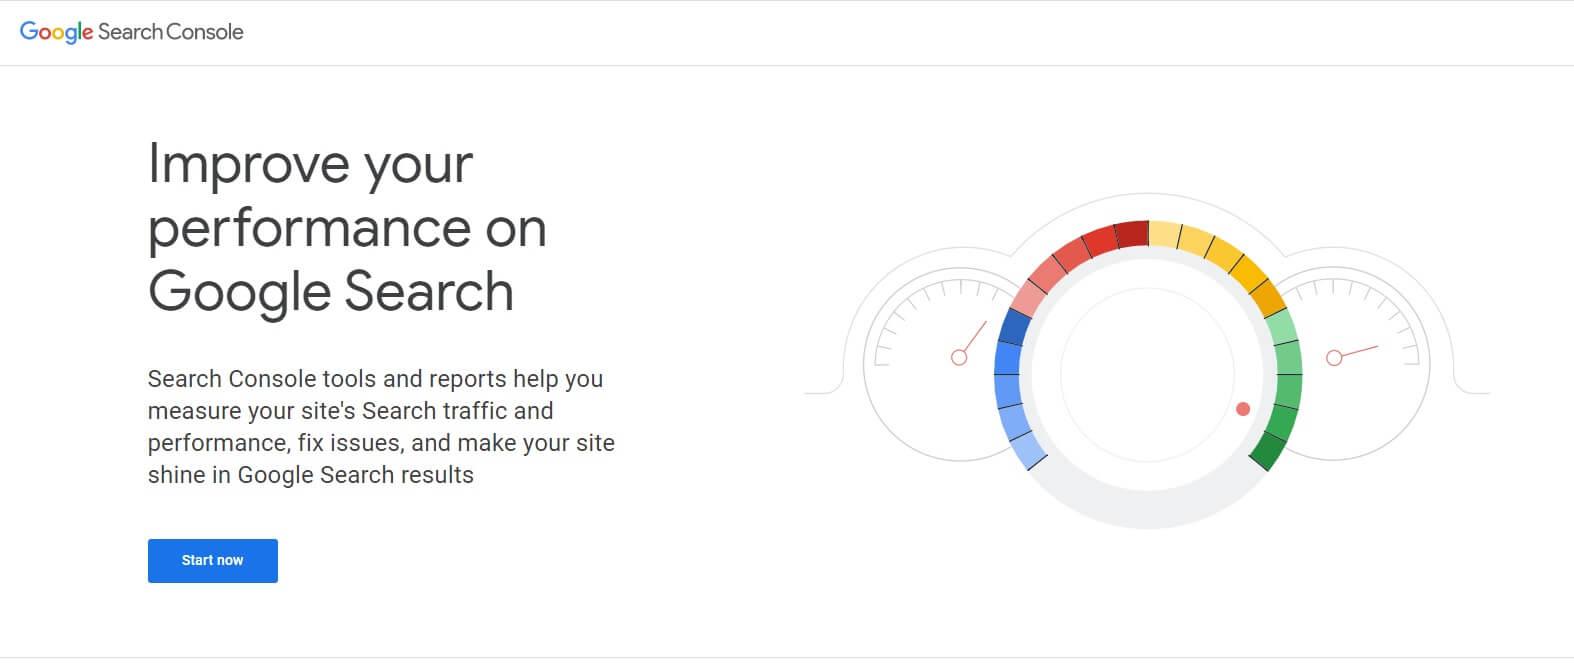 طریقه نصب گوگل سرچ کنسول